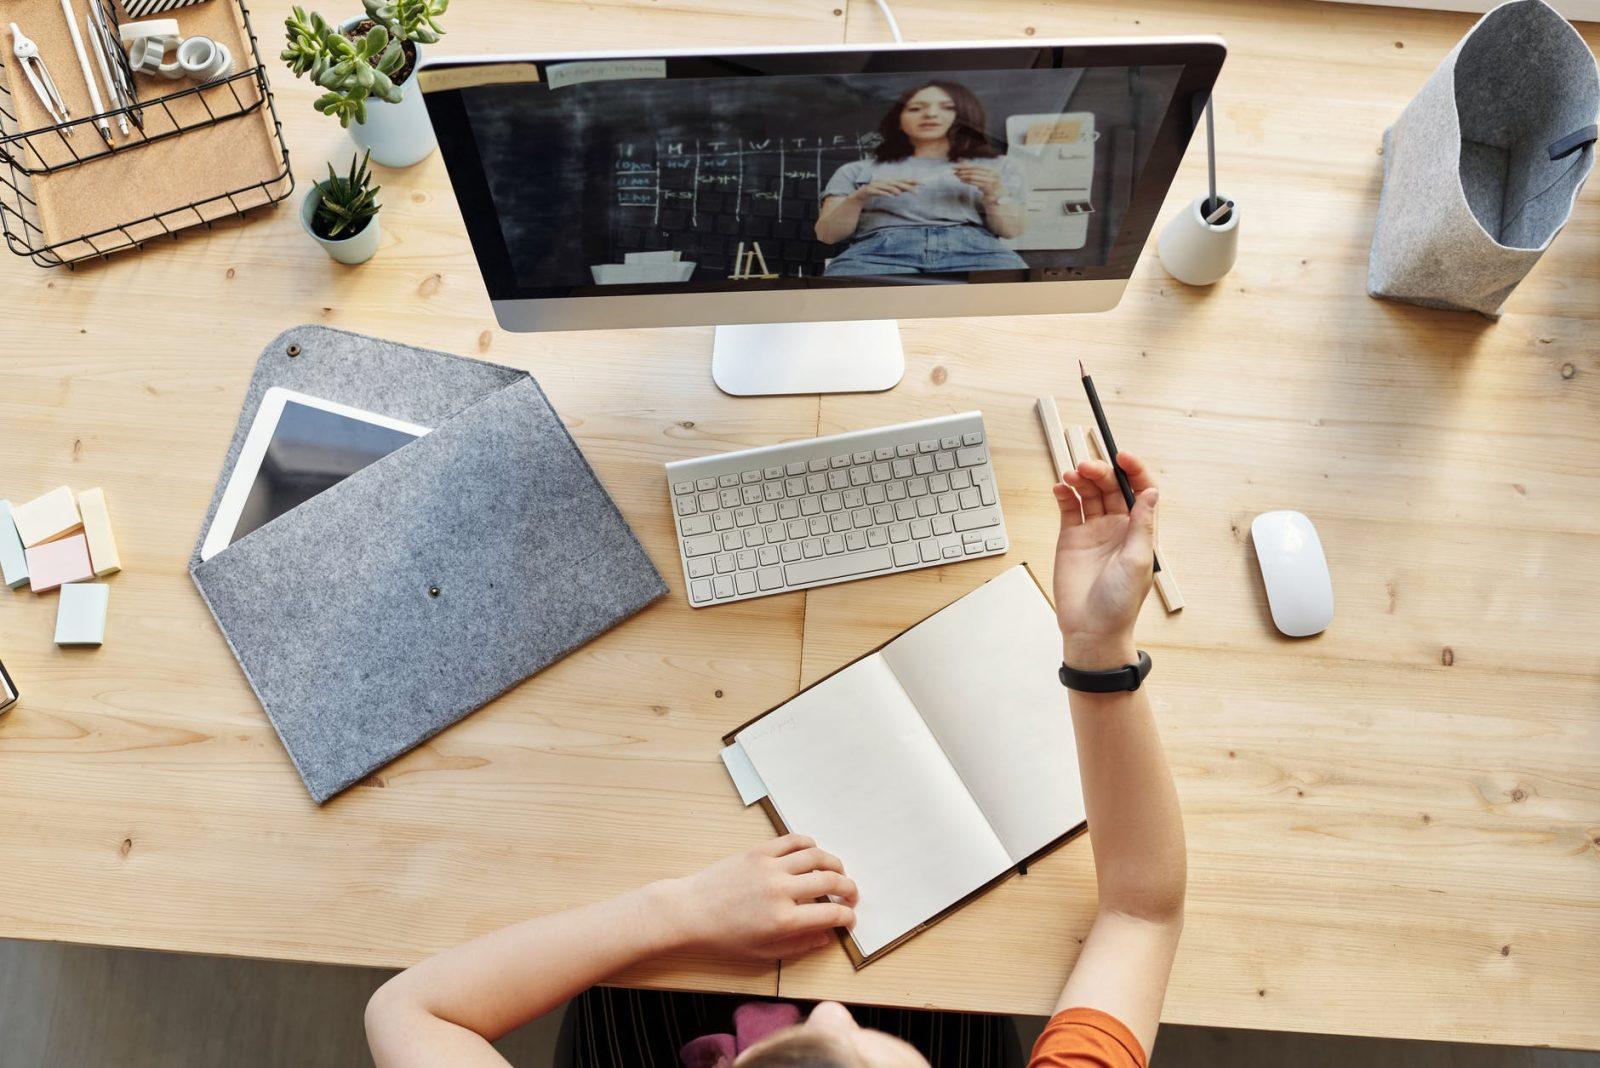 איך להרוויח כסף באינטרנט על ידי בניית קורסים דיגיטליים בנושאי צרכים עסקיים